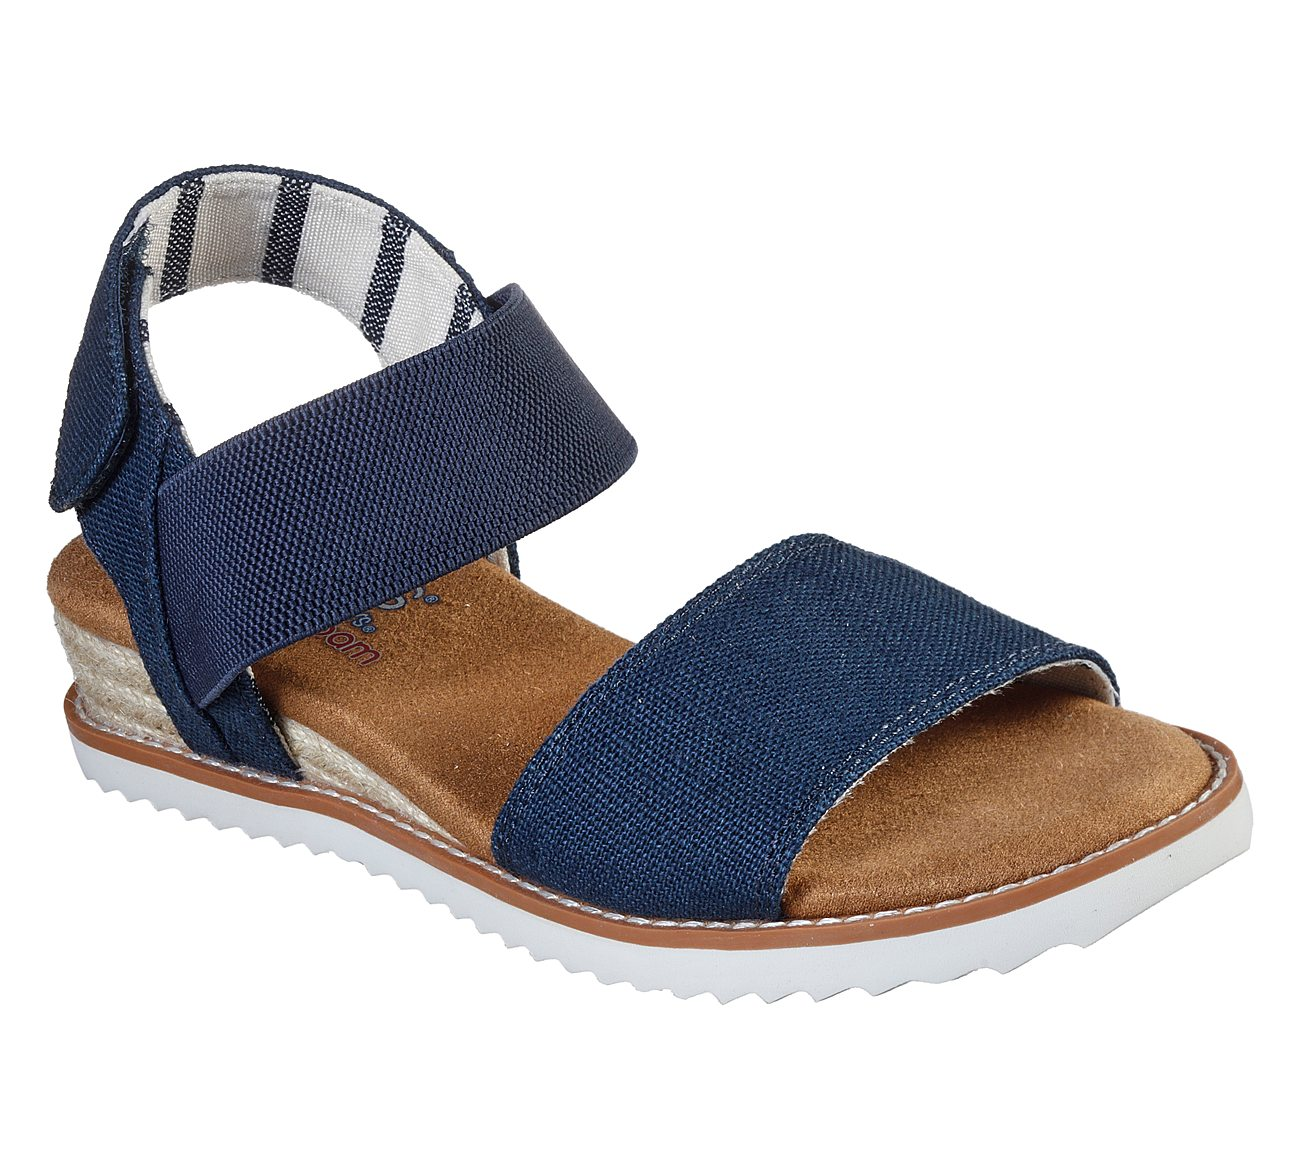 Skechers Bobs Desert Kiss Sandal in